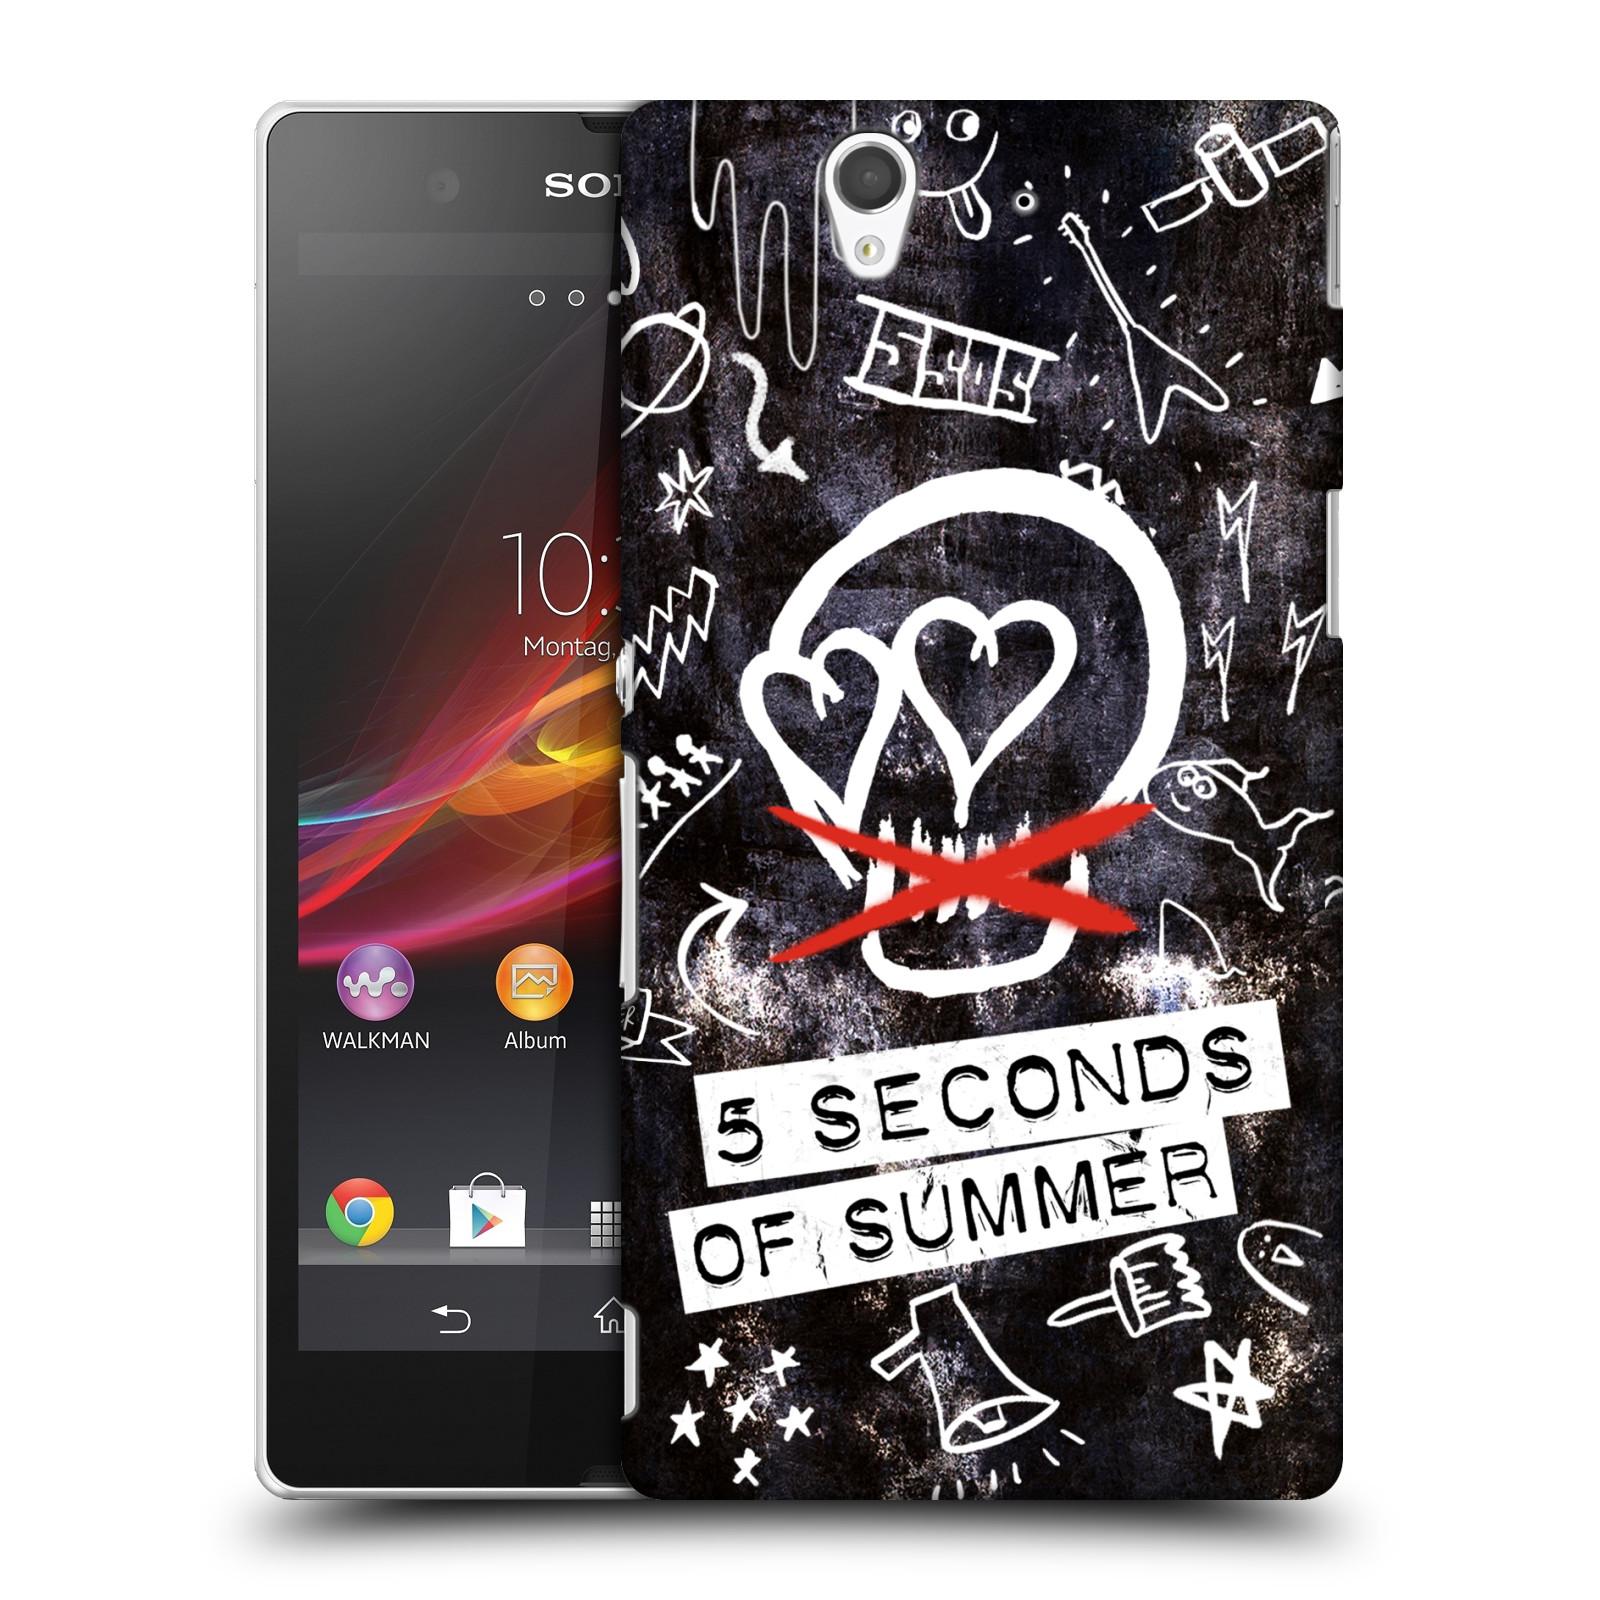 Plastové pouzdro na mobil Sony Xperia Z C6603 HEAD CASE 5 Seconds of Summer - Skull (Plastový kryt či obal na mobilní telefon licencovaným motivem 5 Seconds of Summer pro Sony Xperia Z)